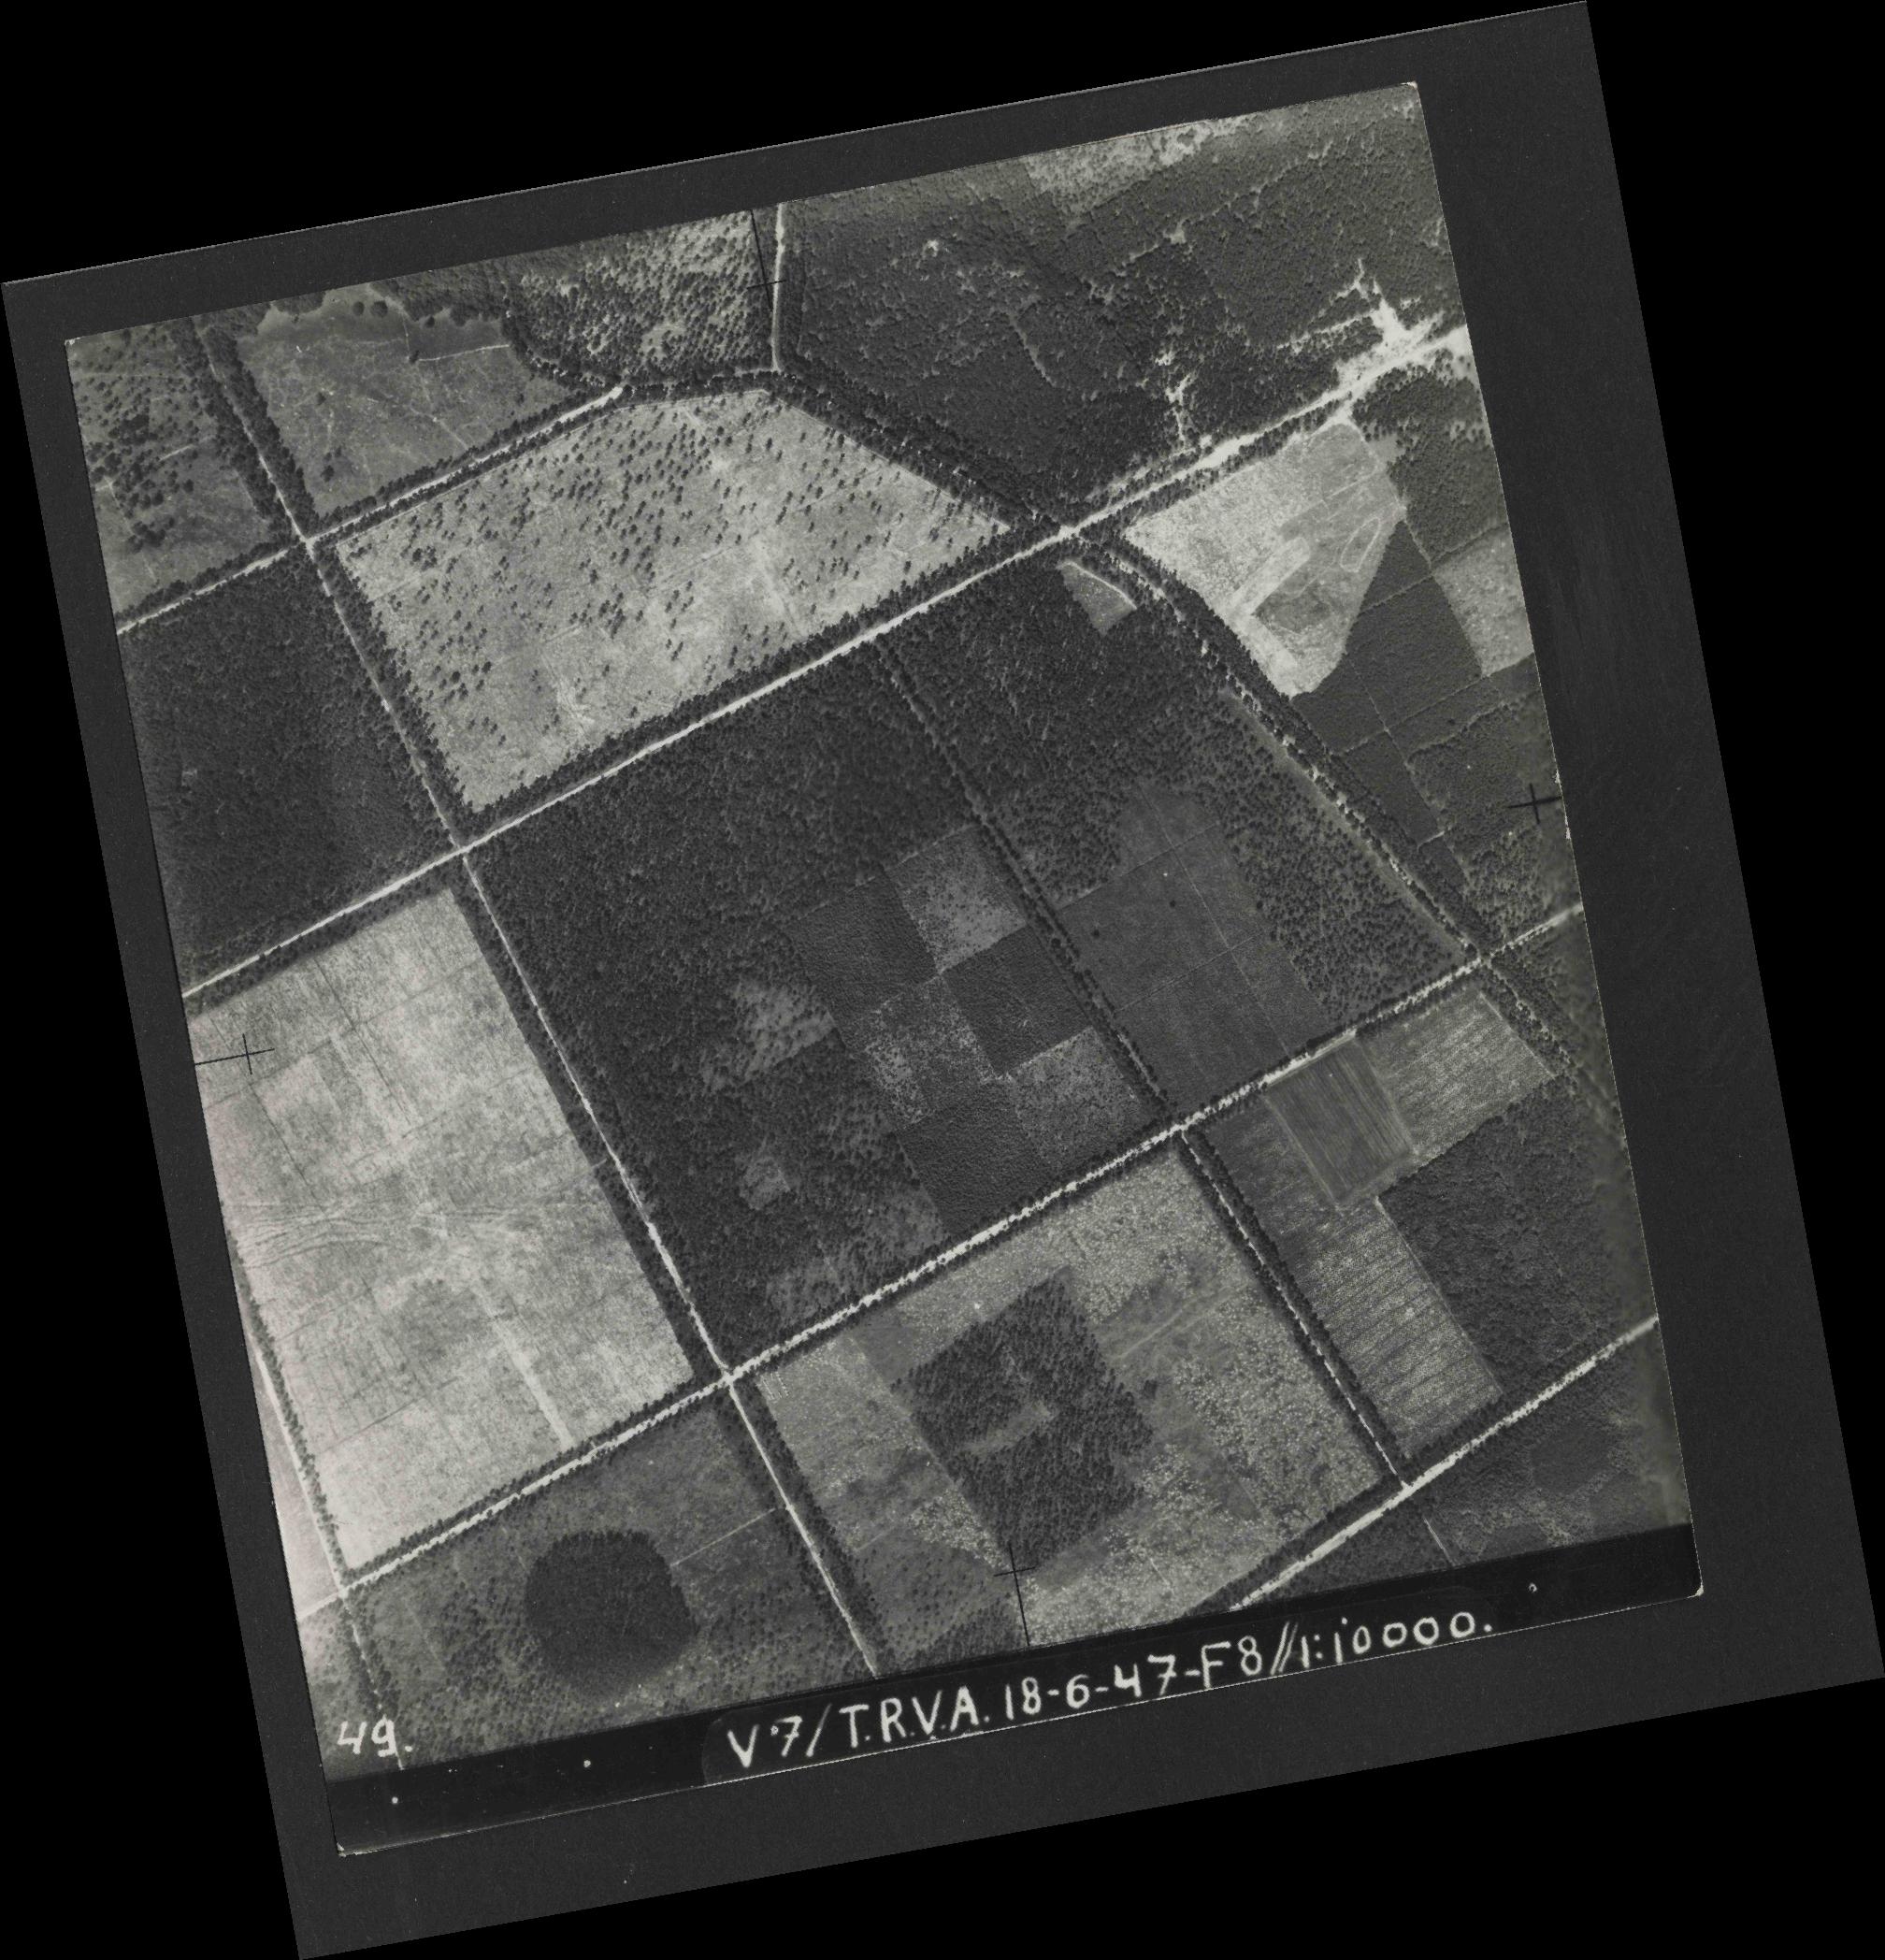 Collection RAF aerial photos 1940-1945 - flight 550, run 04, photo 0049